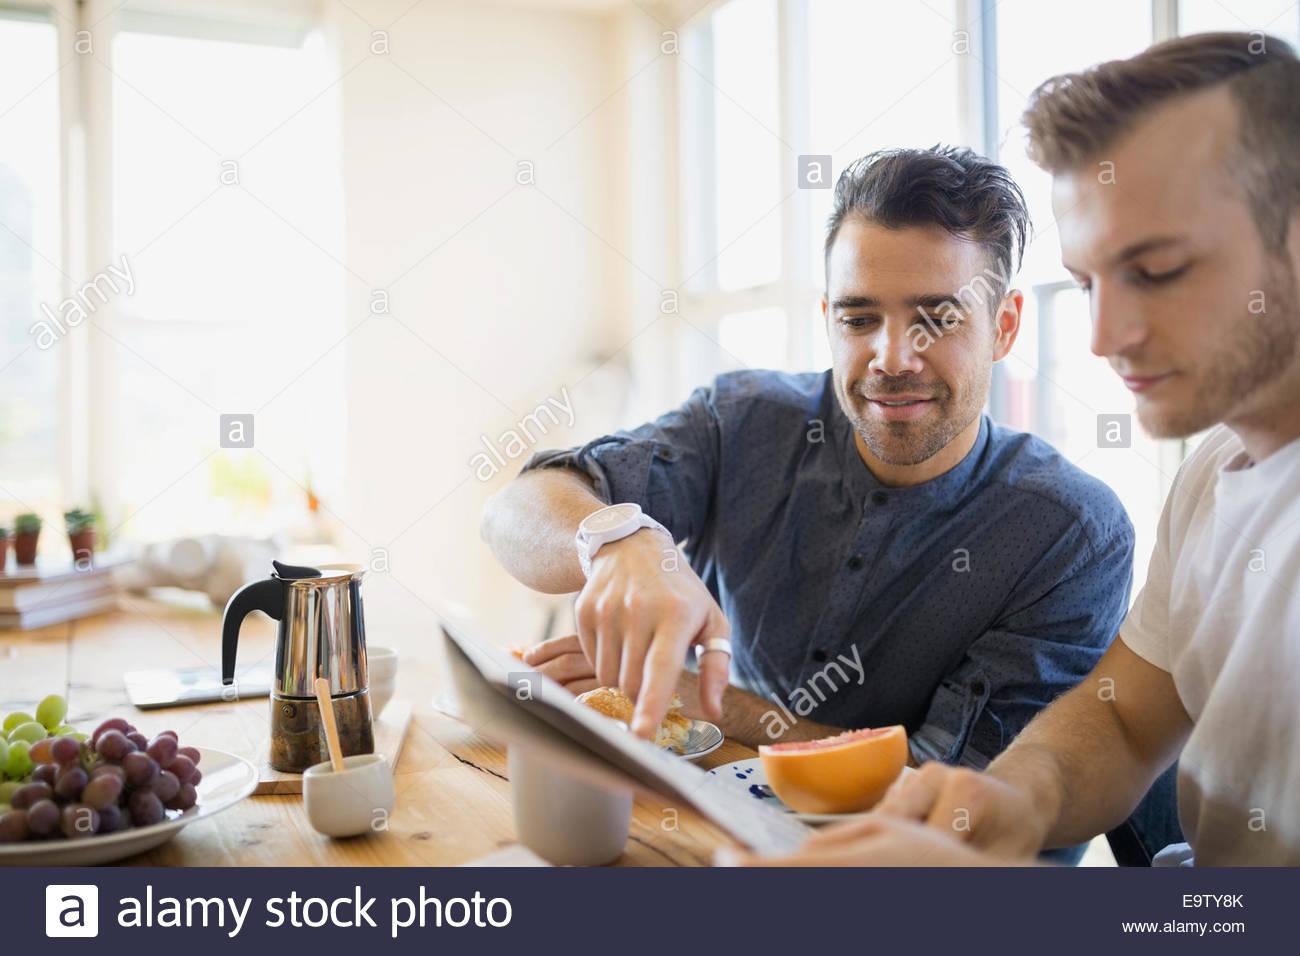 Pareja homosexual la lectura de periódicos y disfrutando del desayuno Imagen De Stock